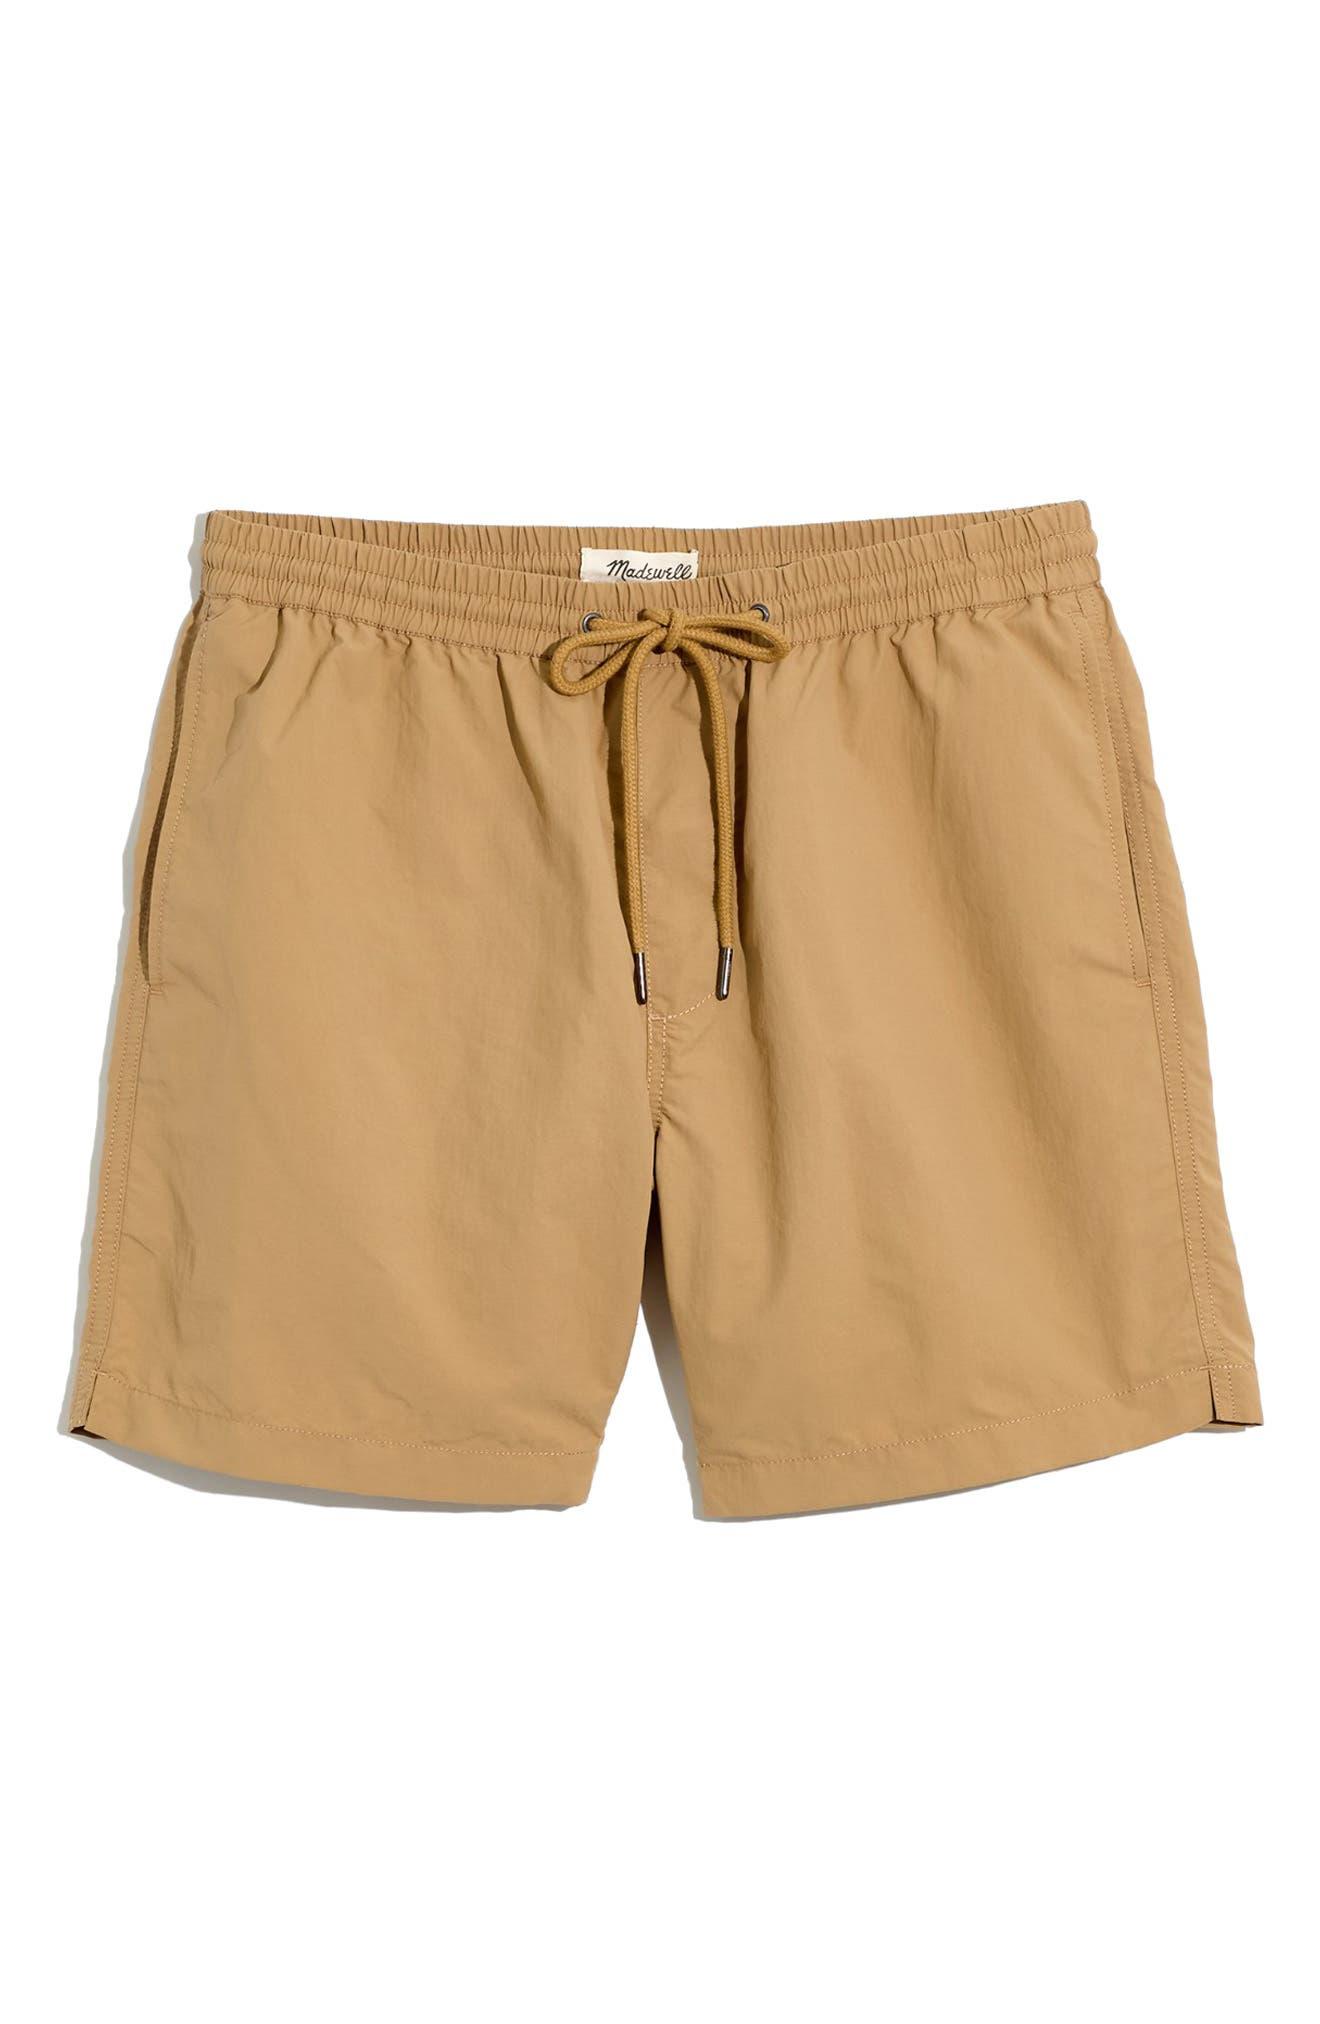 Everywear Shorts